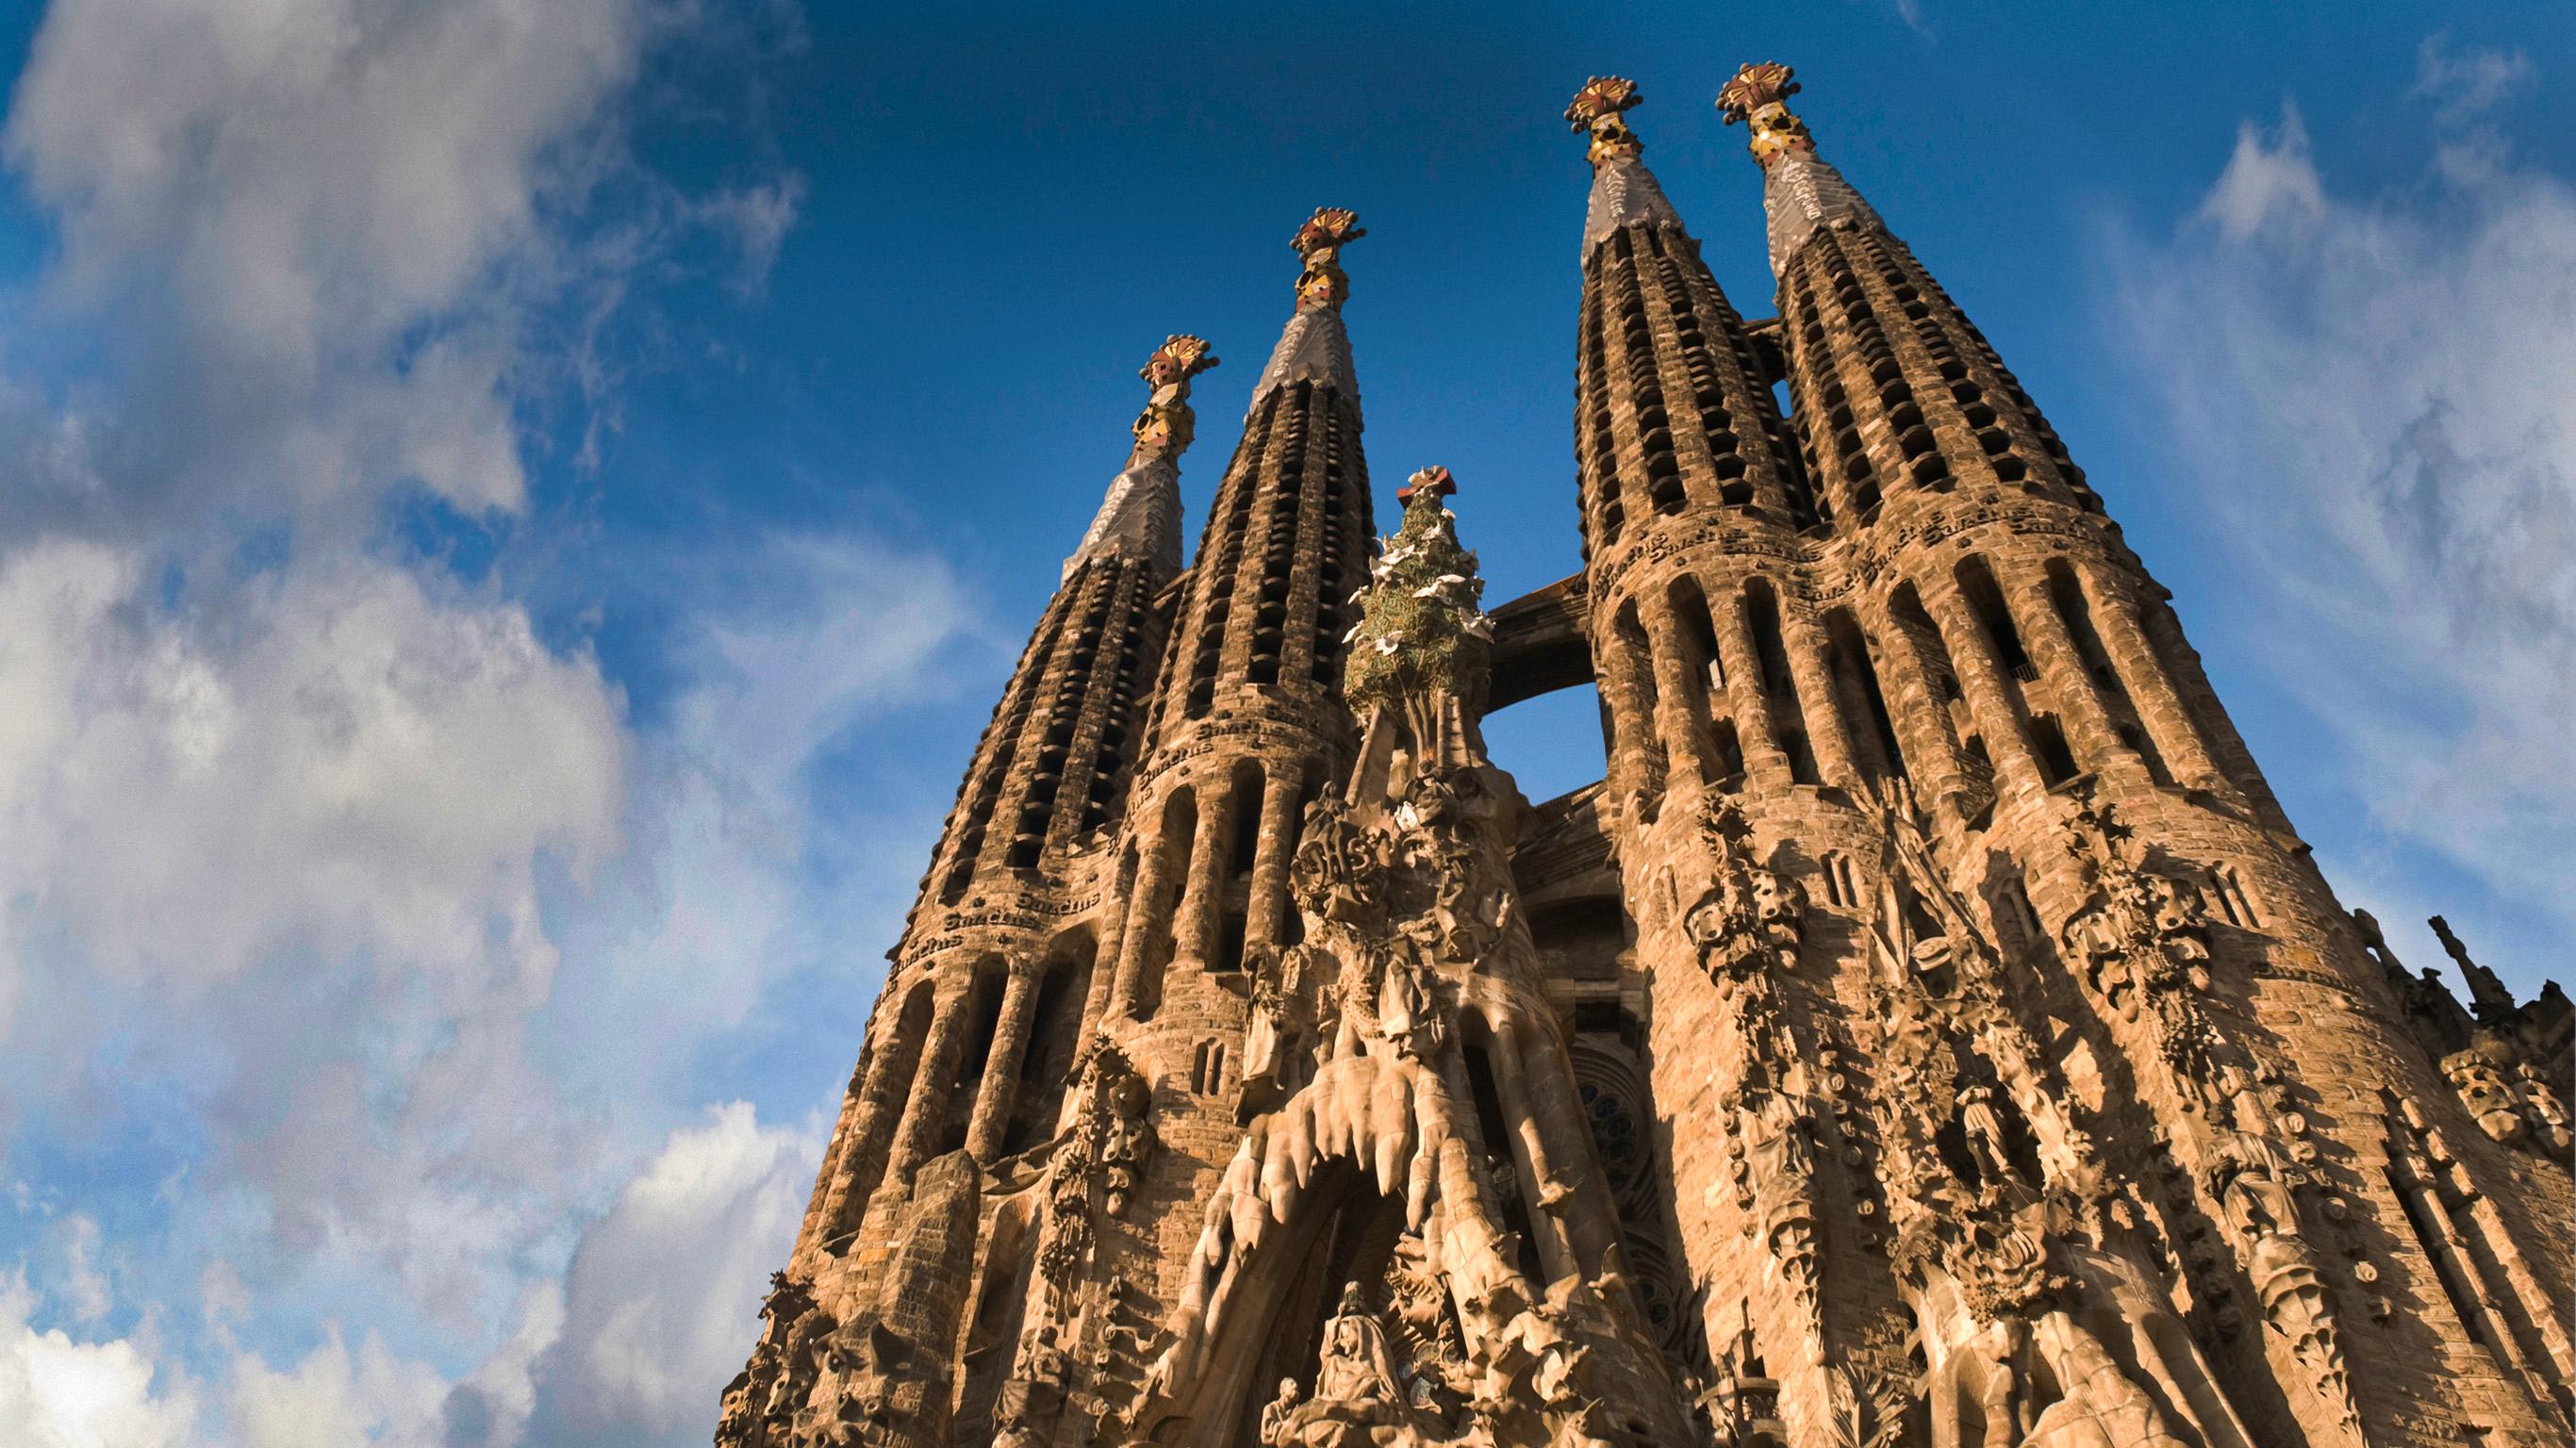 Barcelona: Get Lost in Gaudí